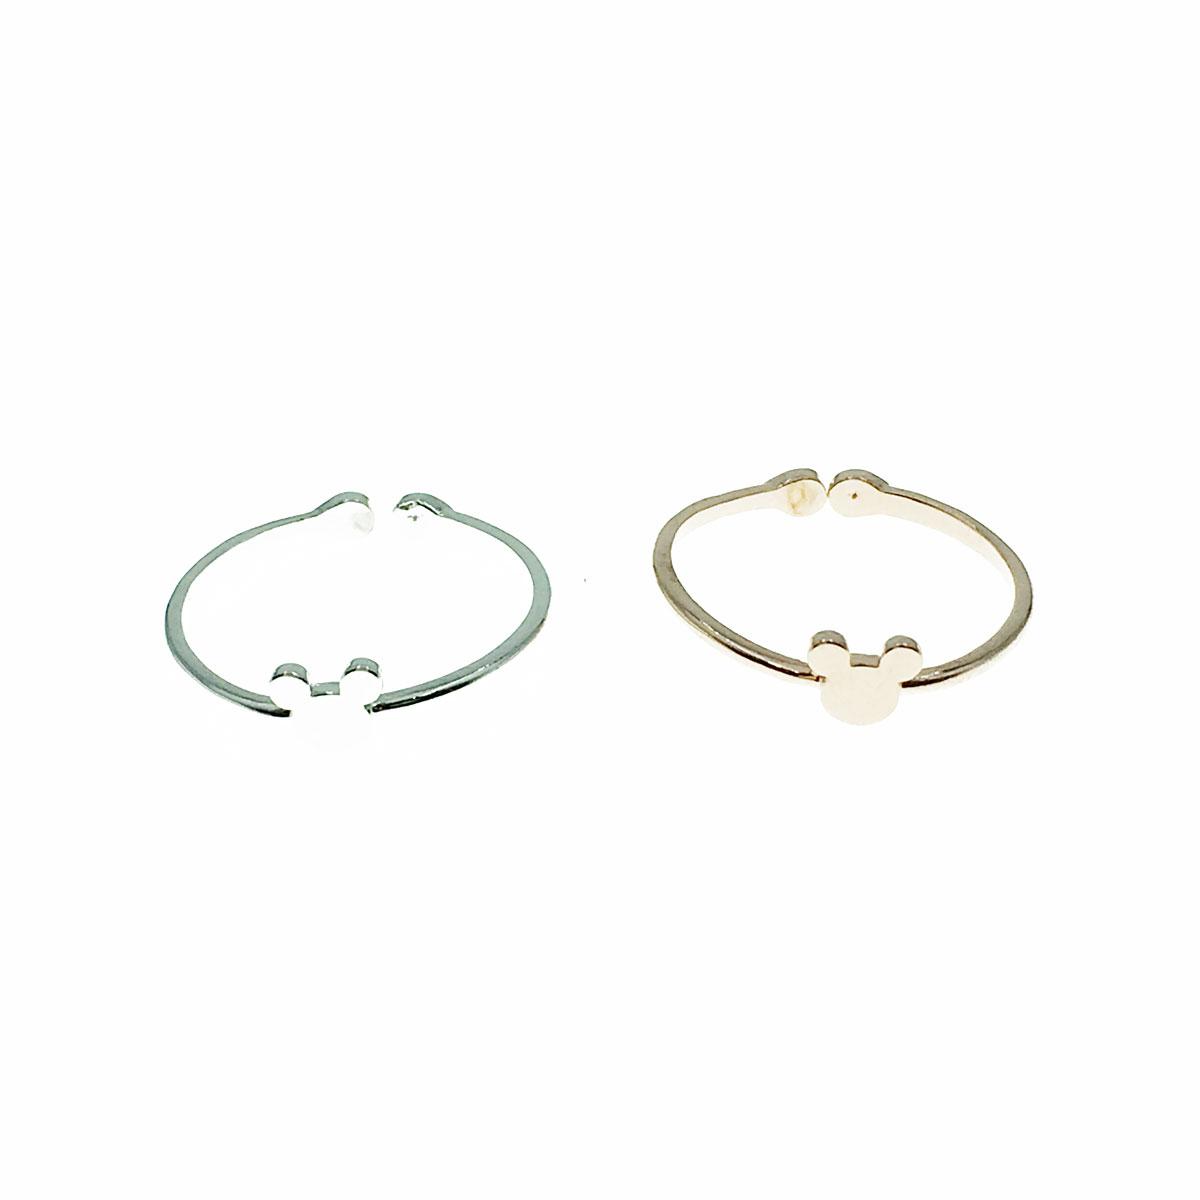 韓國 迪士尼 米奇頭 簡約 可調式 兩色 戒指 飾品